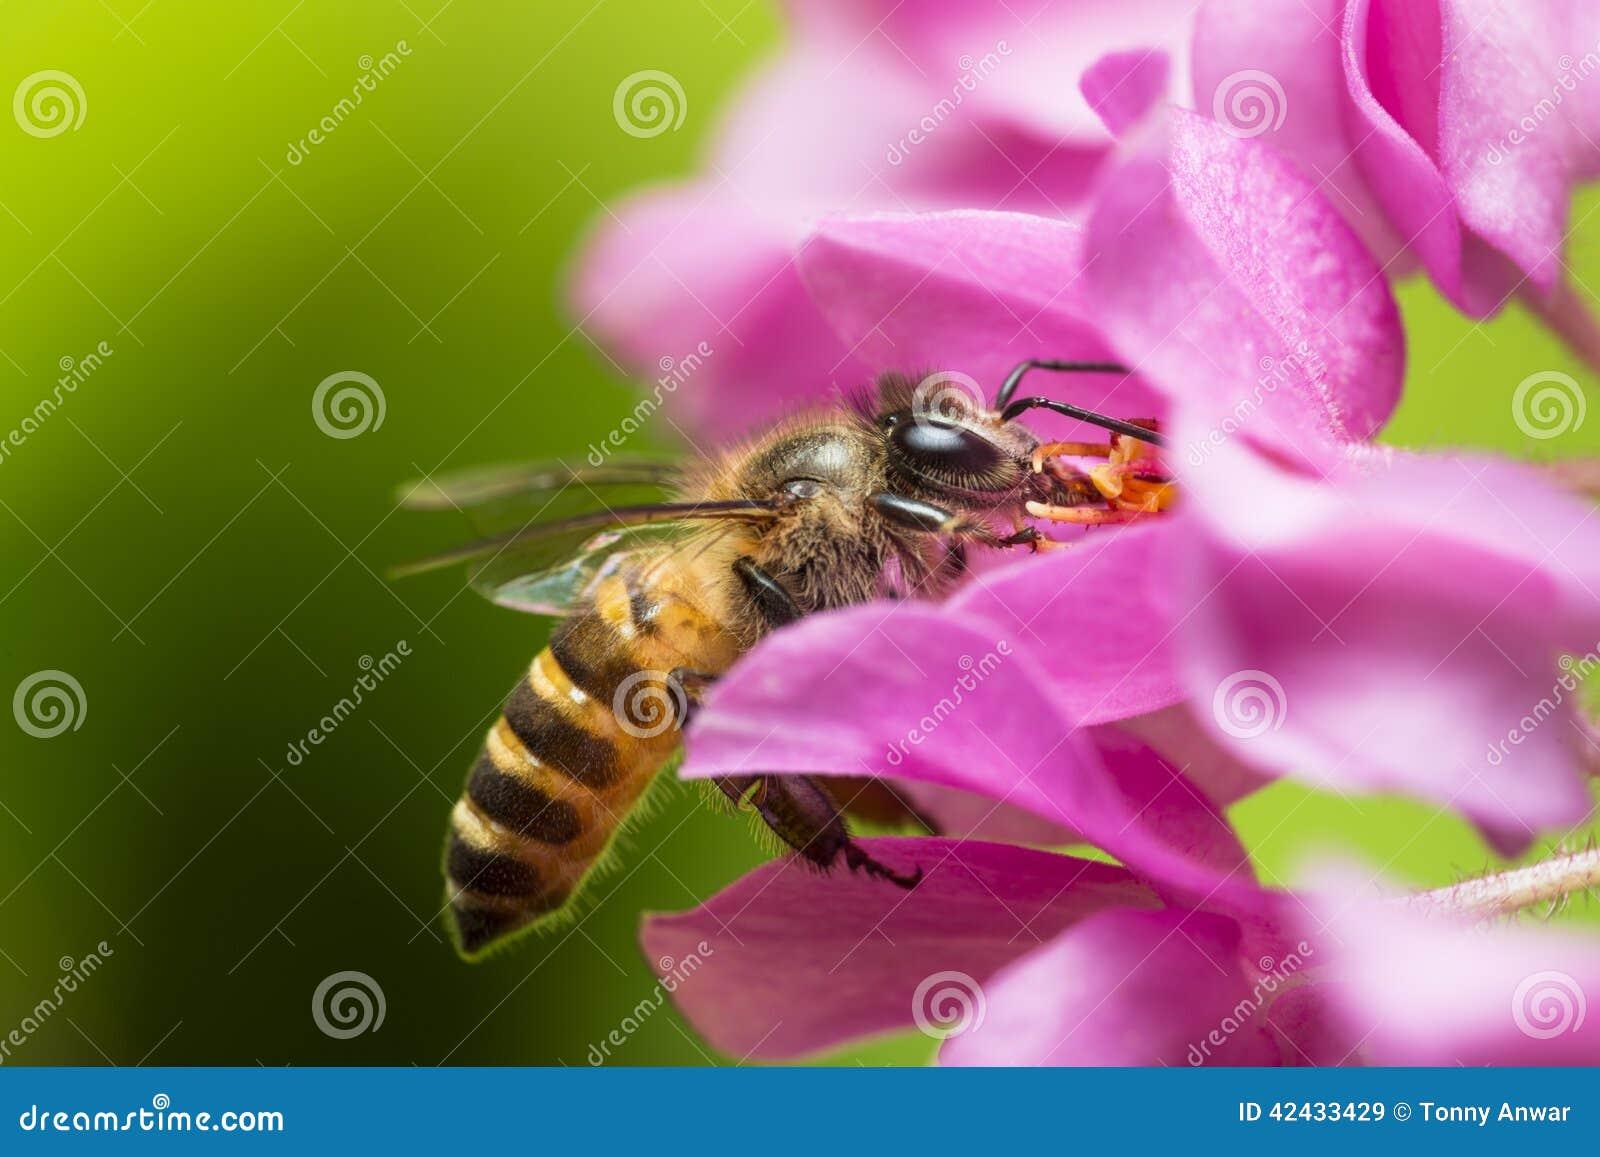 Polinización de la abeja